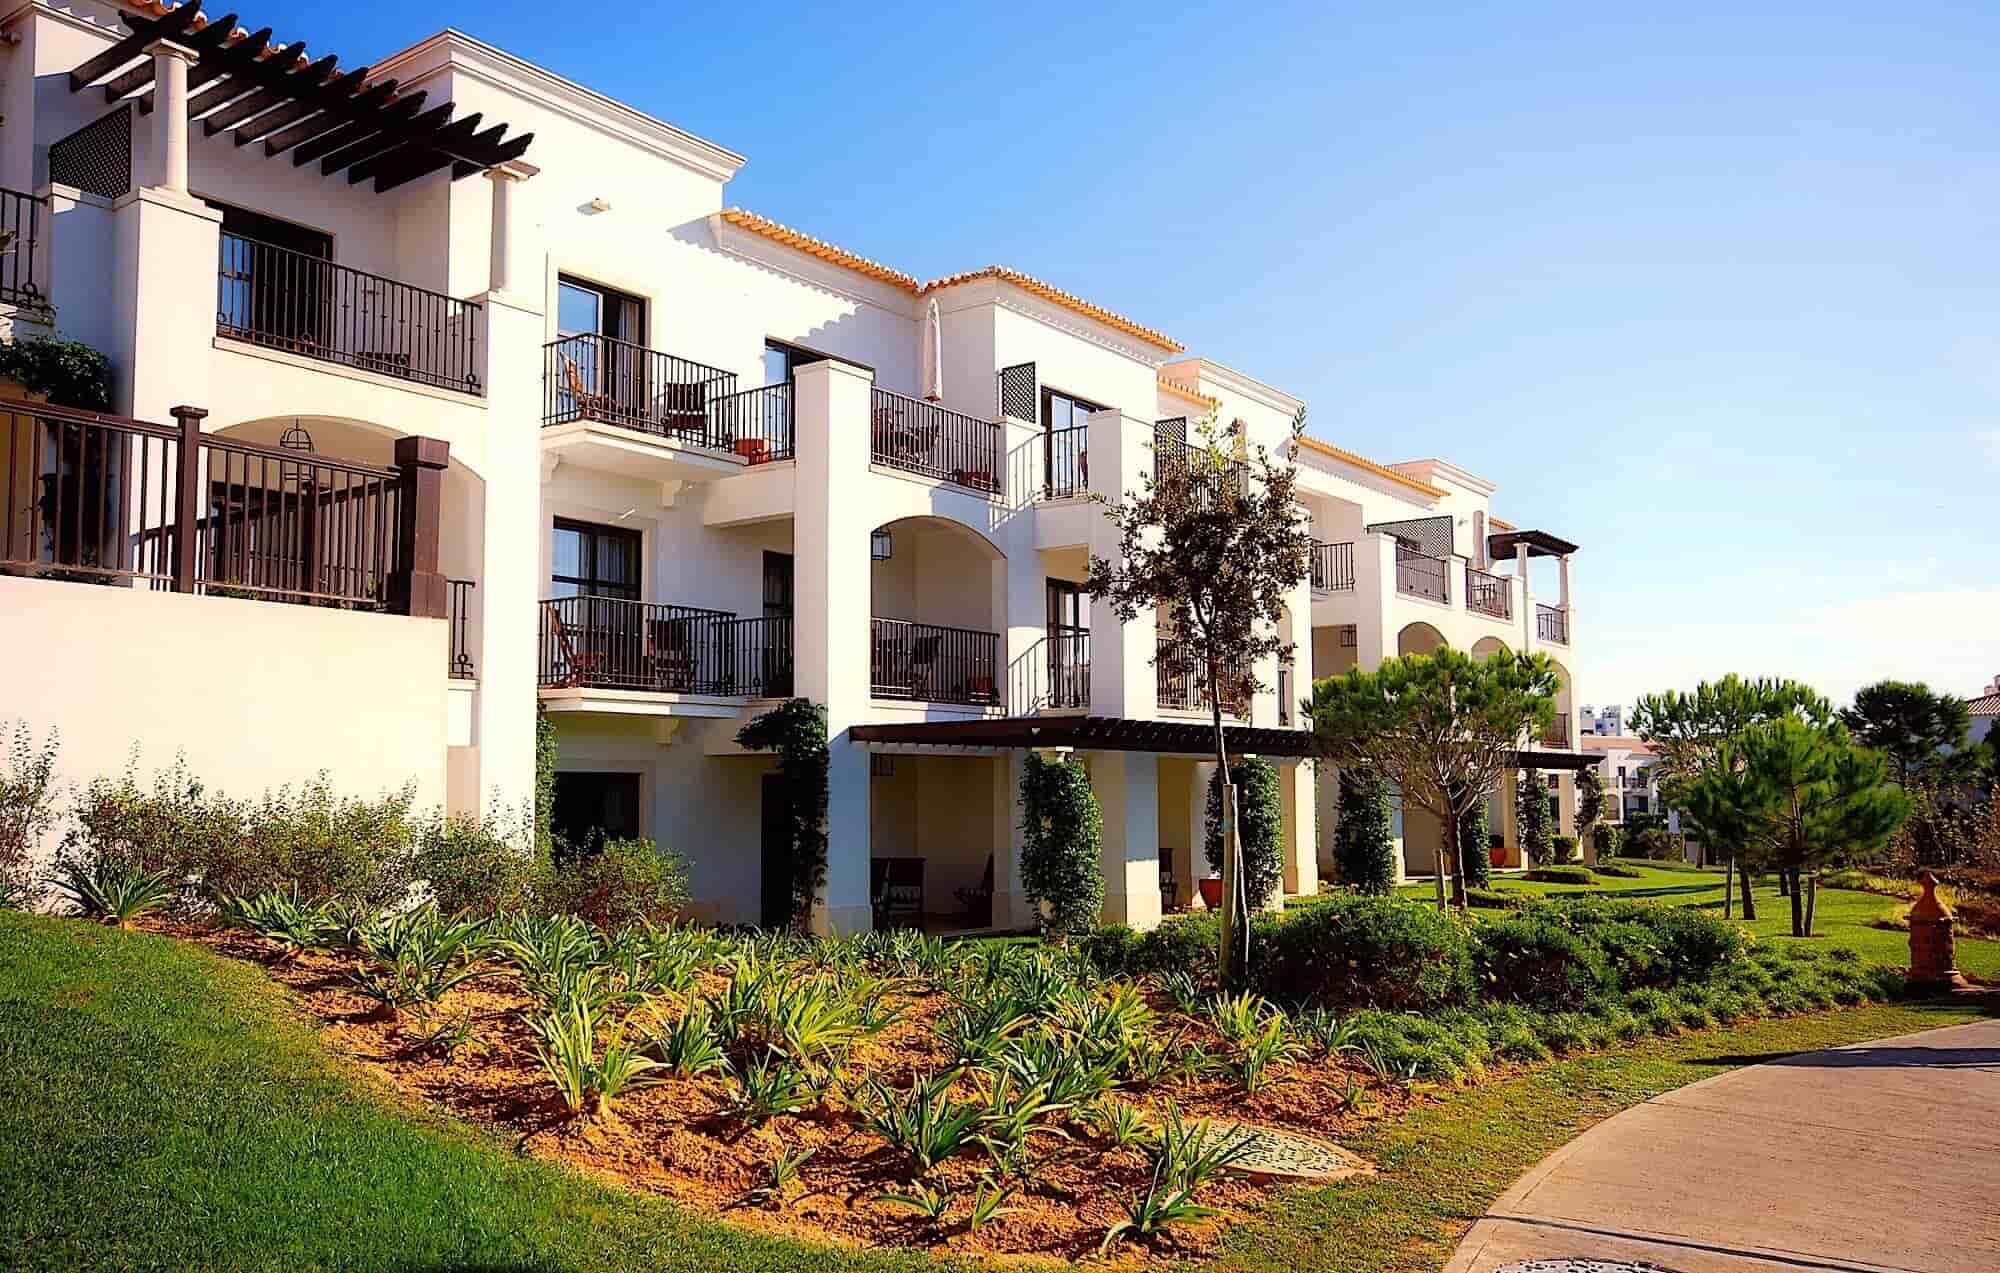 condominium investing